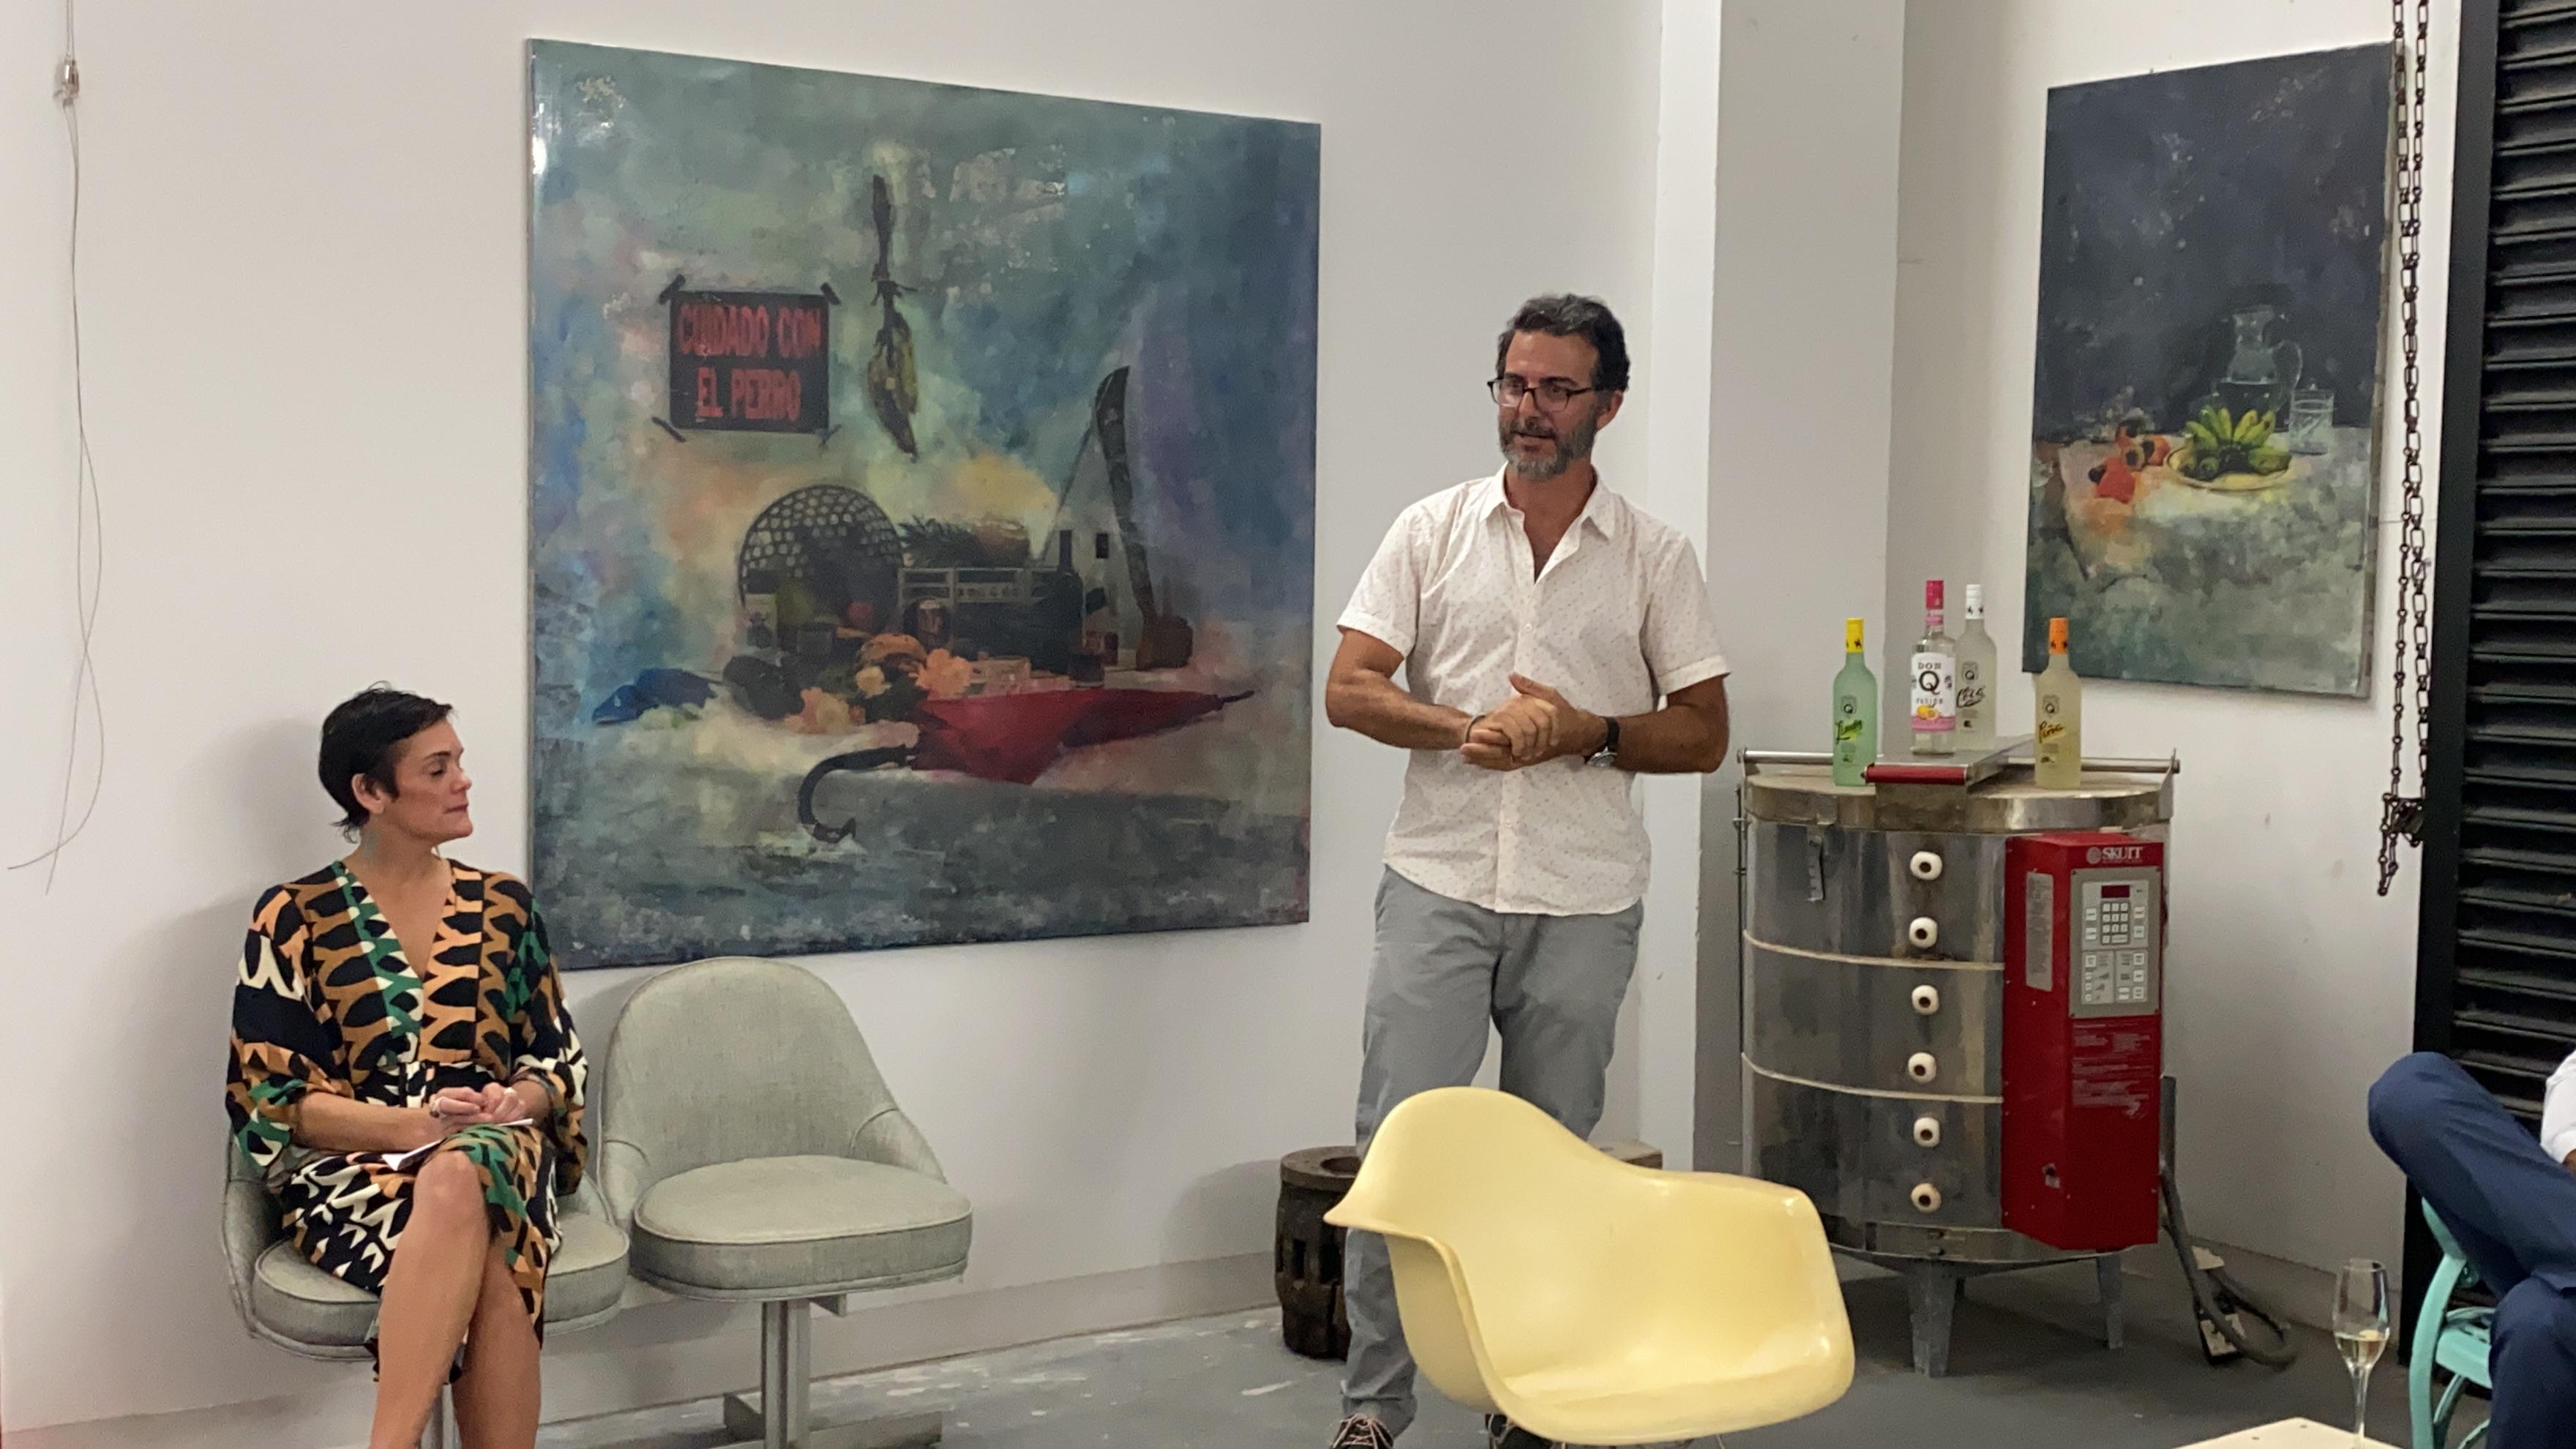 The ARTstudio DINING SERIES, es parte del proyecto the ART walk una plataforma cultural gestada por la publicista Georgie Vega Porrata- Doria (sentada a la izquierda), junto a Cabrer. Foto suministrada